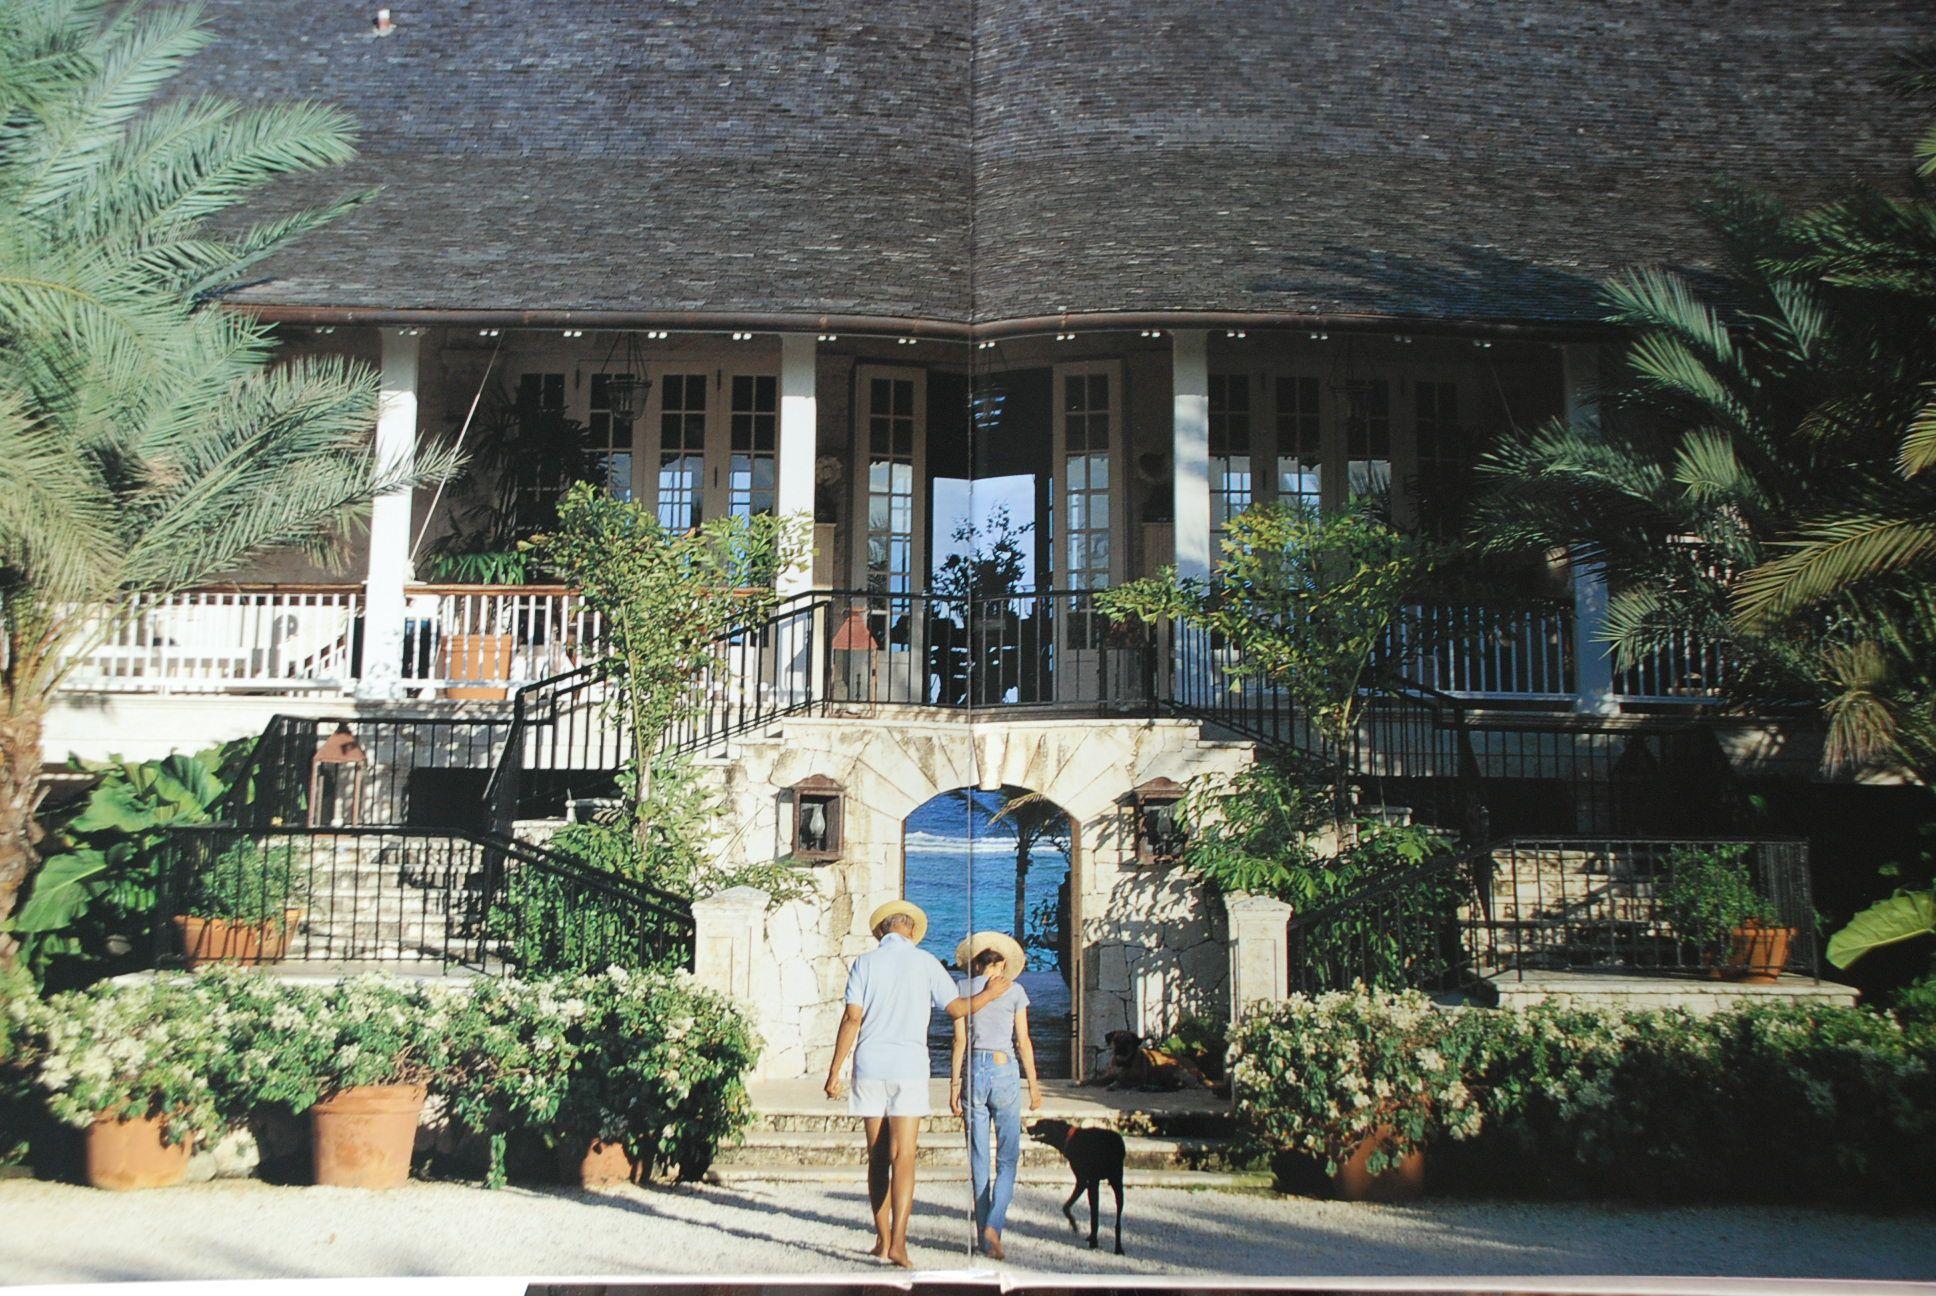 Oscar De La Renta Home the late oscar de la renta's plantation-style villa in the